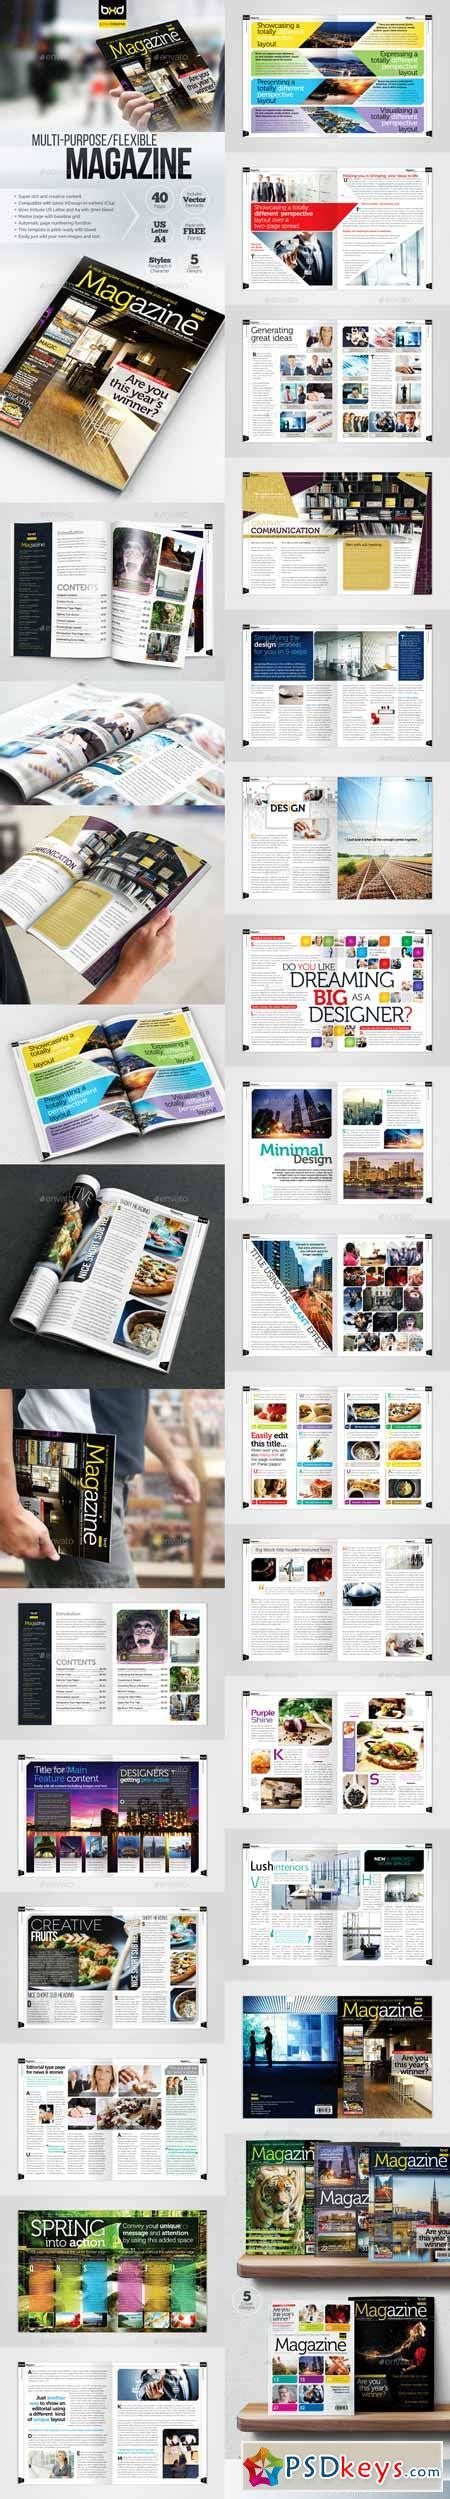 Indesign Vorlagen Magazin niedlich kostenlose magazin vorlage indesign zeitgen 246 ssisch beispielzusammenfassung ideen